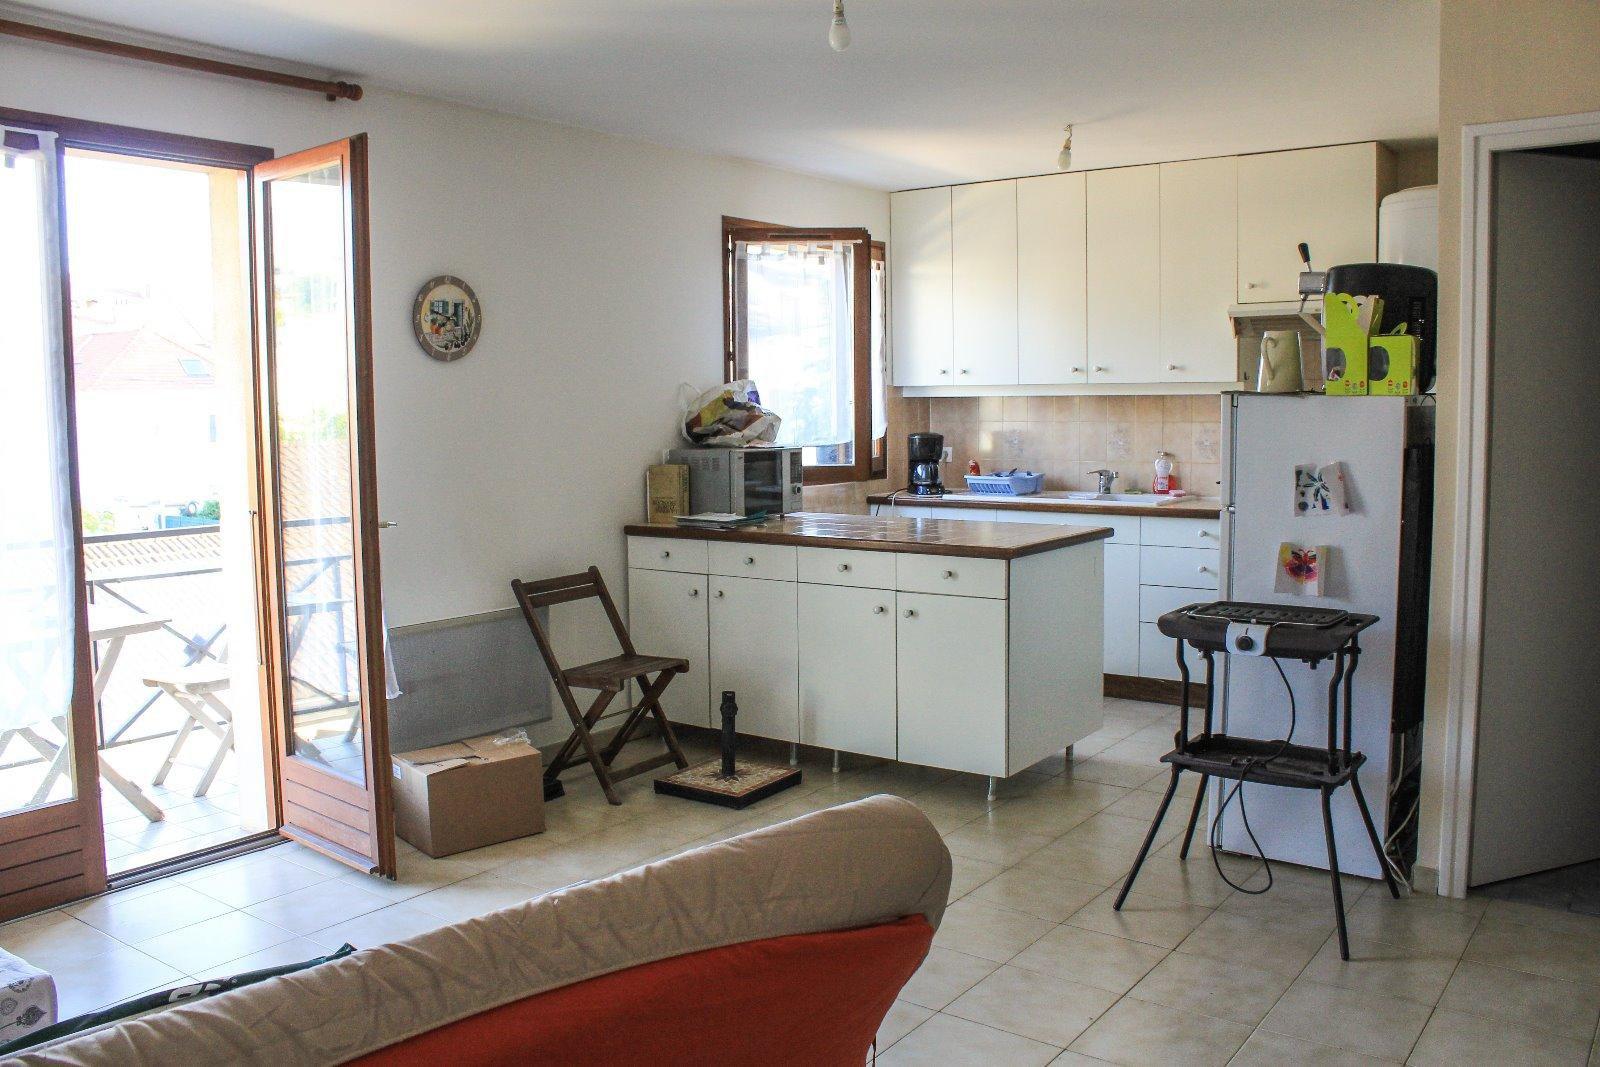 A784 - Aix les Bains, Appartement T2 de 46m² avec balcon